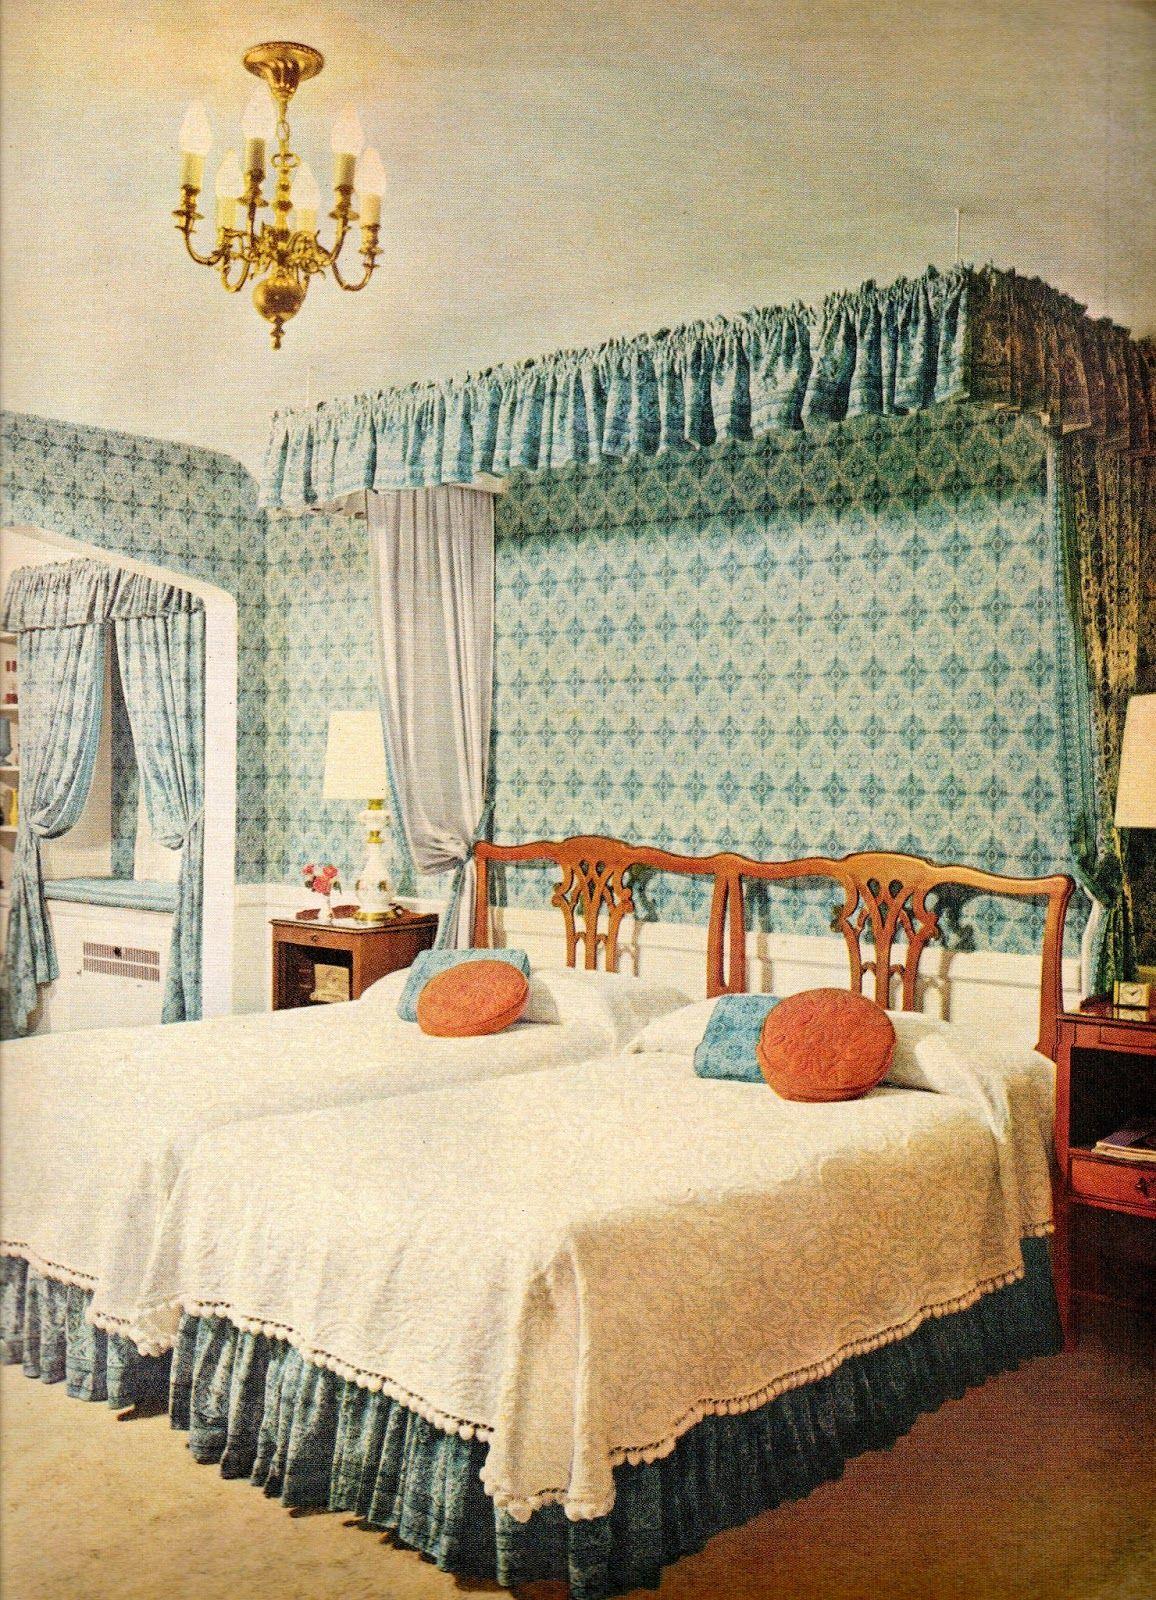 Retro Room Decor 1960s